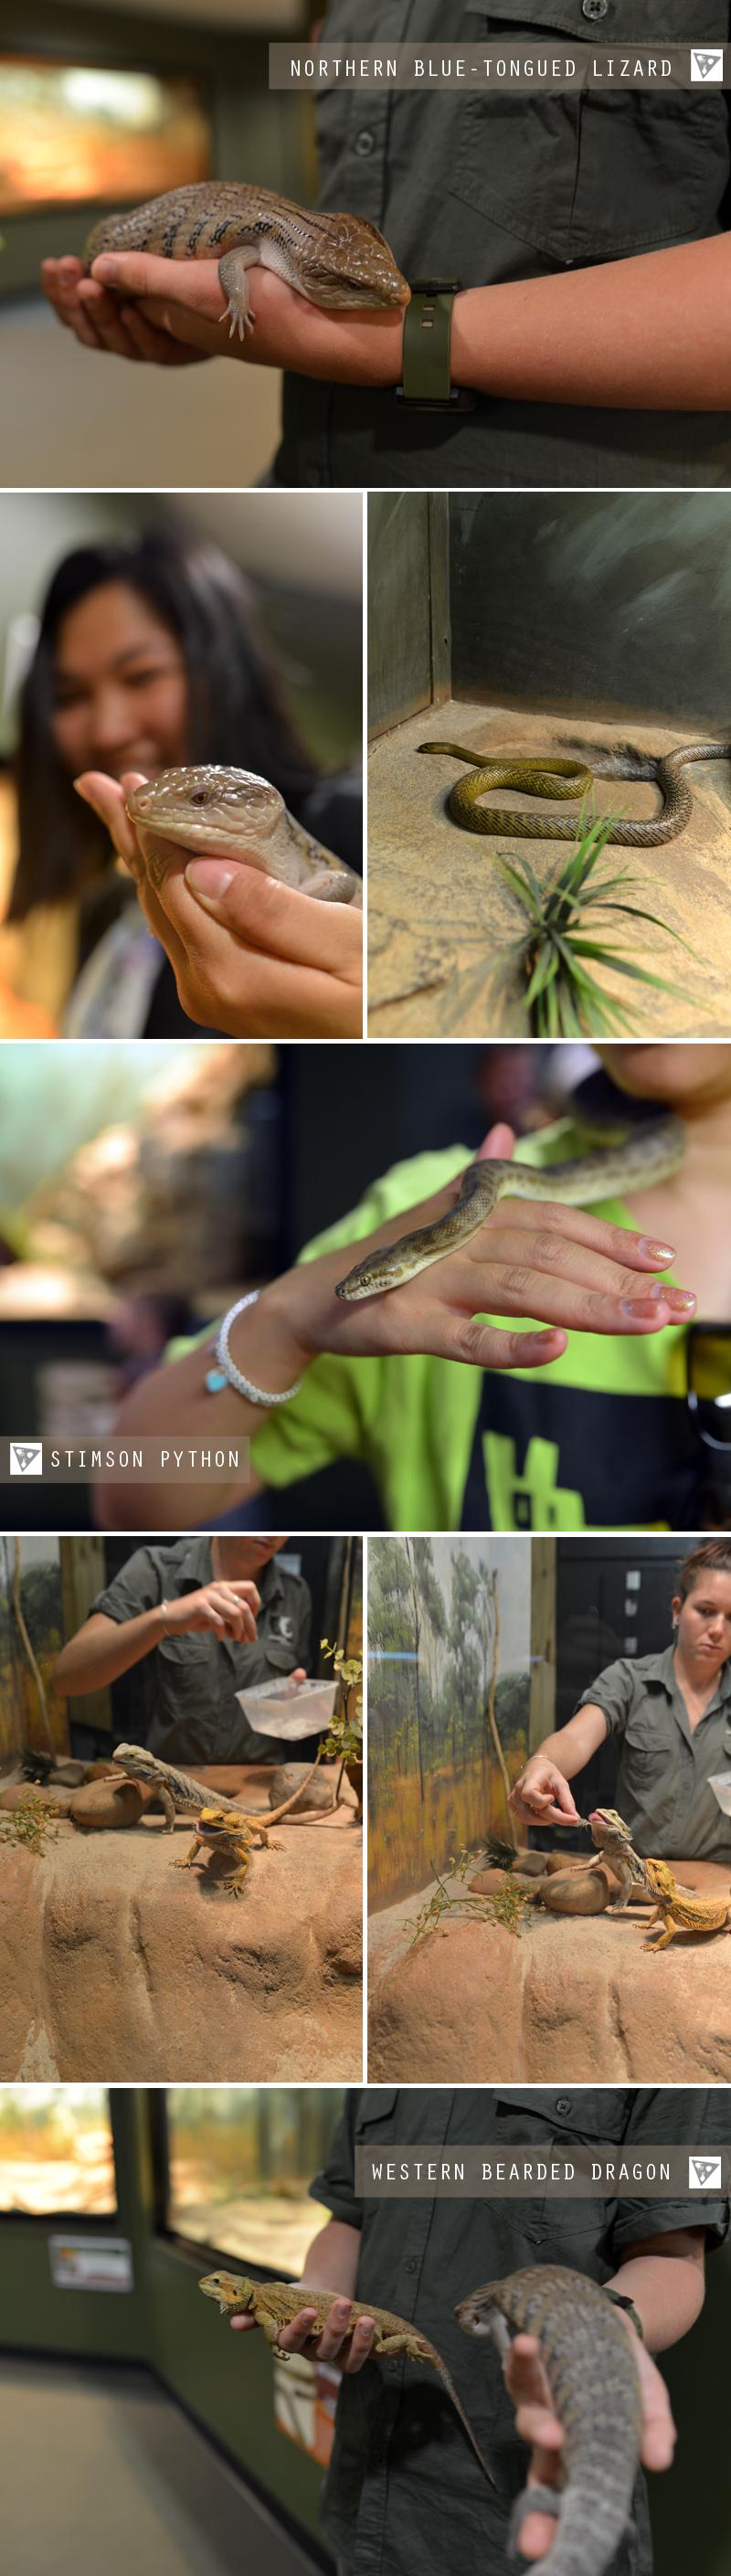 reptile11.jpg